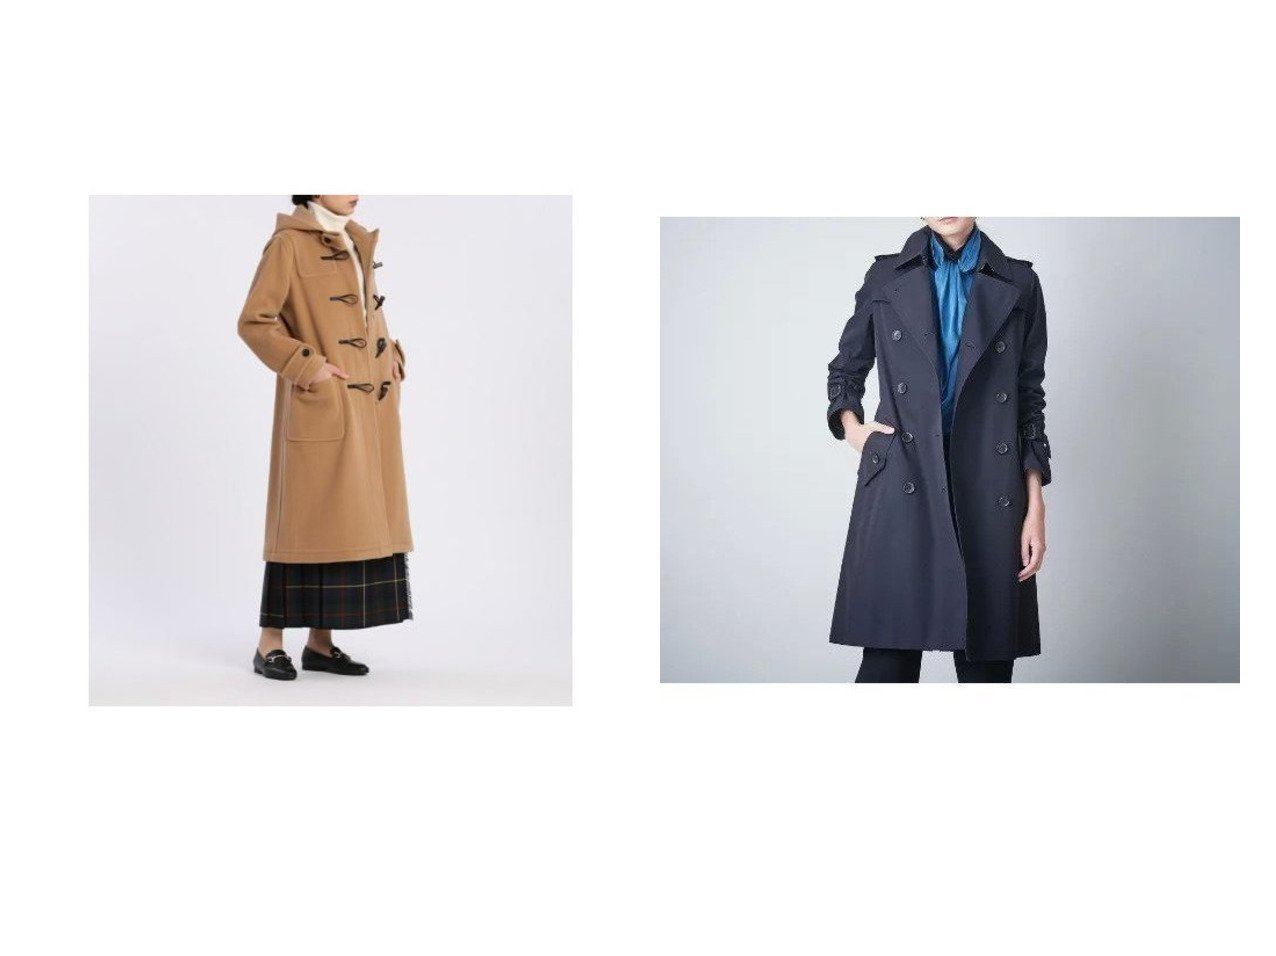 【INED/イネド】の《Maison de Beige》ダッフルコート&【SANYO/サンヨー】のダブルトレンチコート アウターのおすすめ!人気、レディースファッションの通販 おすすめで人気のファッション通販商品 インテリア・家具・キッズファッション・メンズファッション・レディースファッション・服の通販 founy(ファニー) https://founy.com/ ファッション Fashion レディース WOMEN アウター Coat Outerwear コート Coats ダッフルコート Duffle Coats トレンチコート Trench Coats ダッフルコート ポケット 定番 エレガント スタンダード ダブル プリーツ ライナー リバーシブル |ID:crp329100000001740